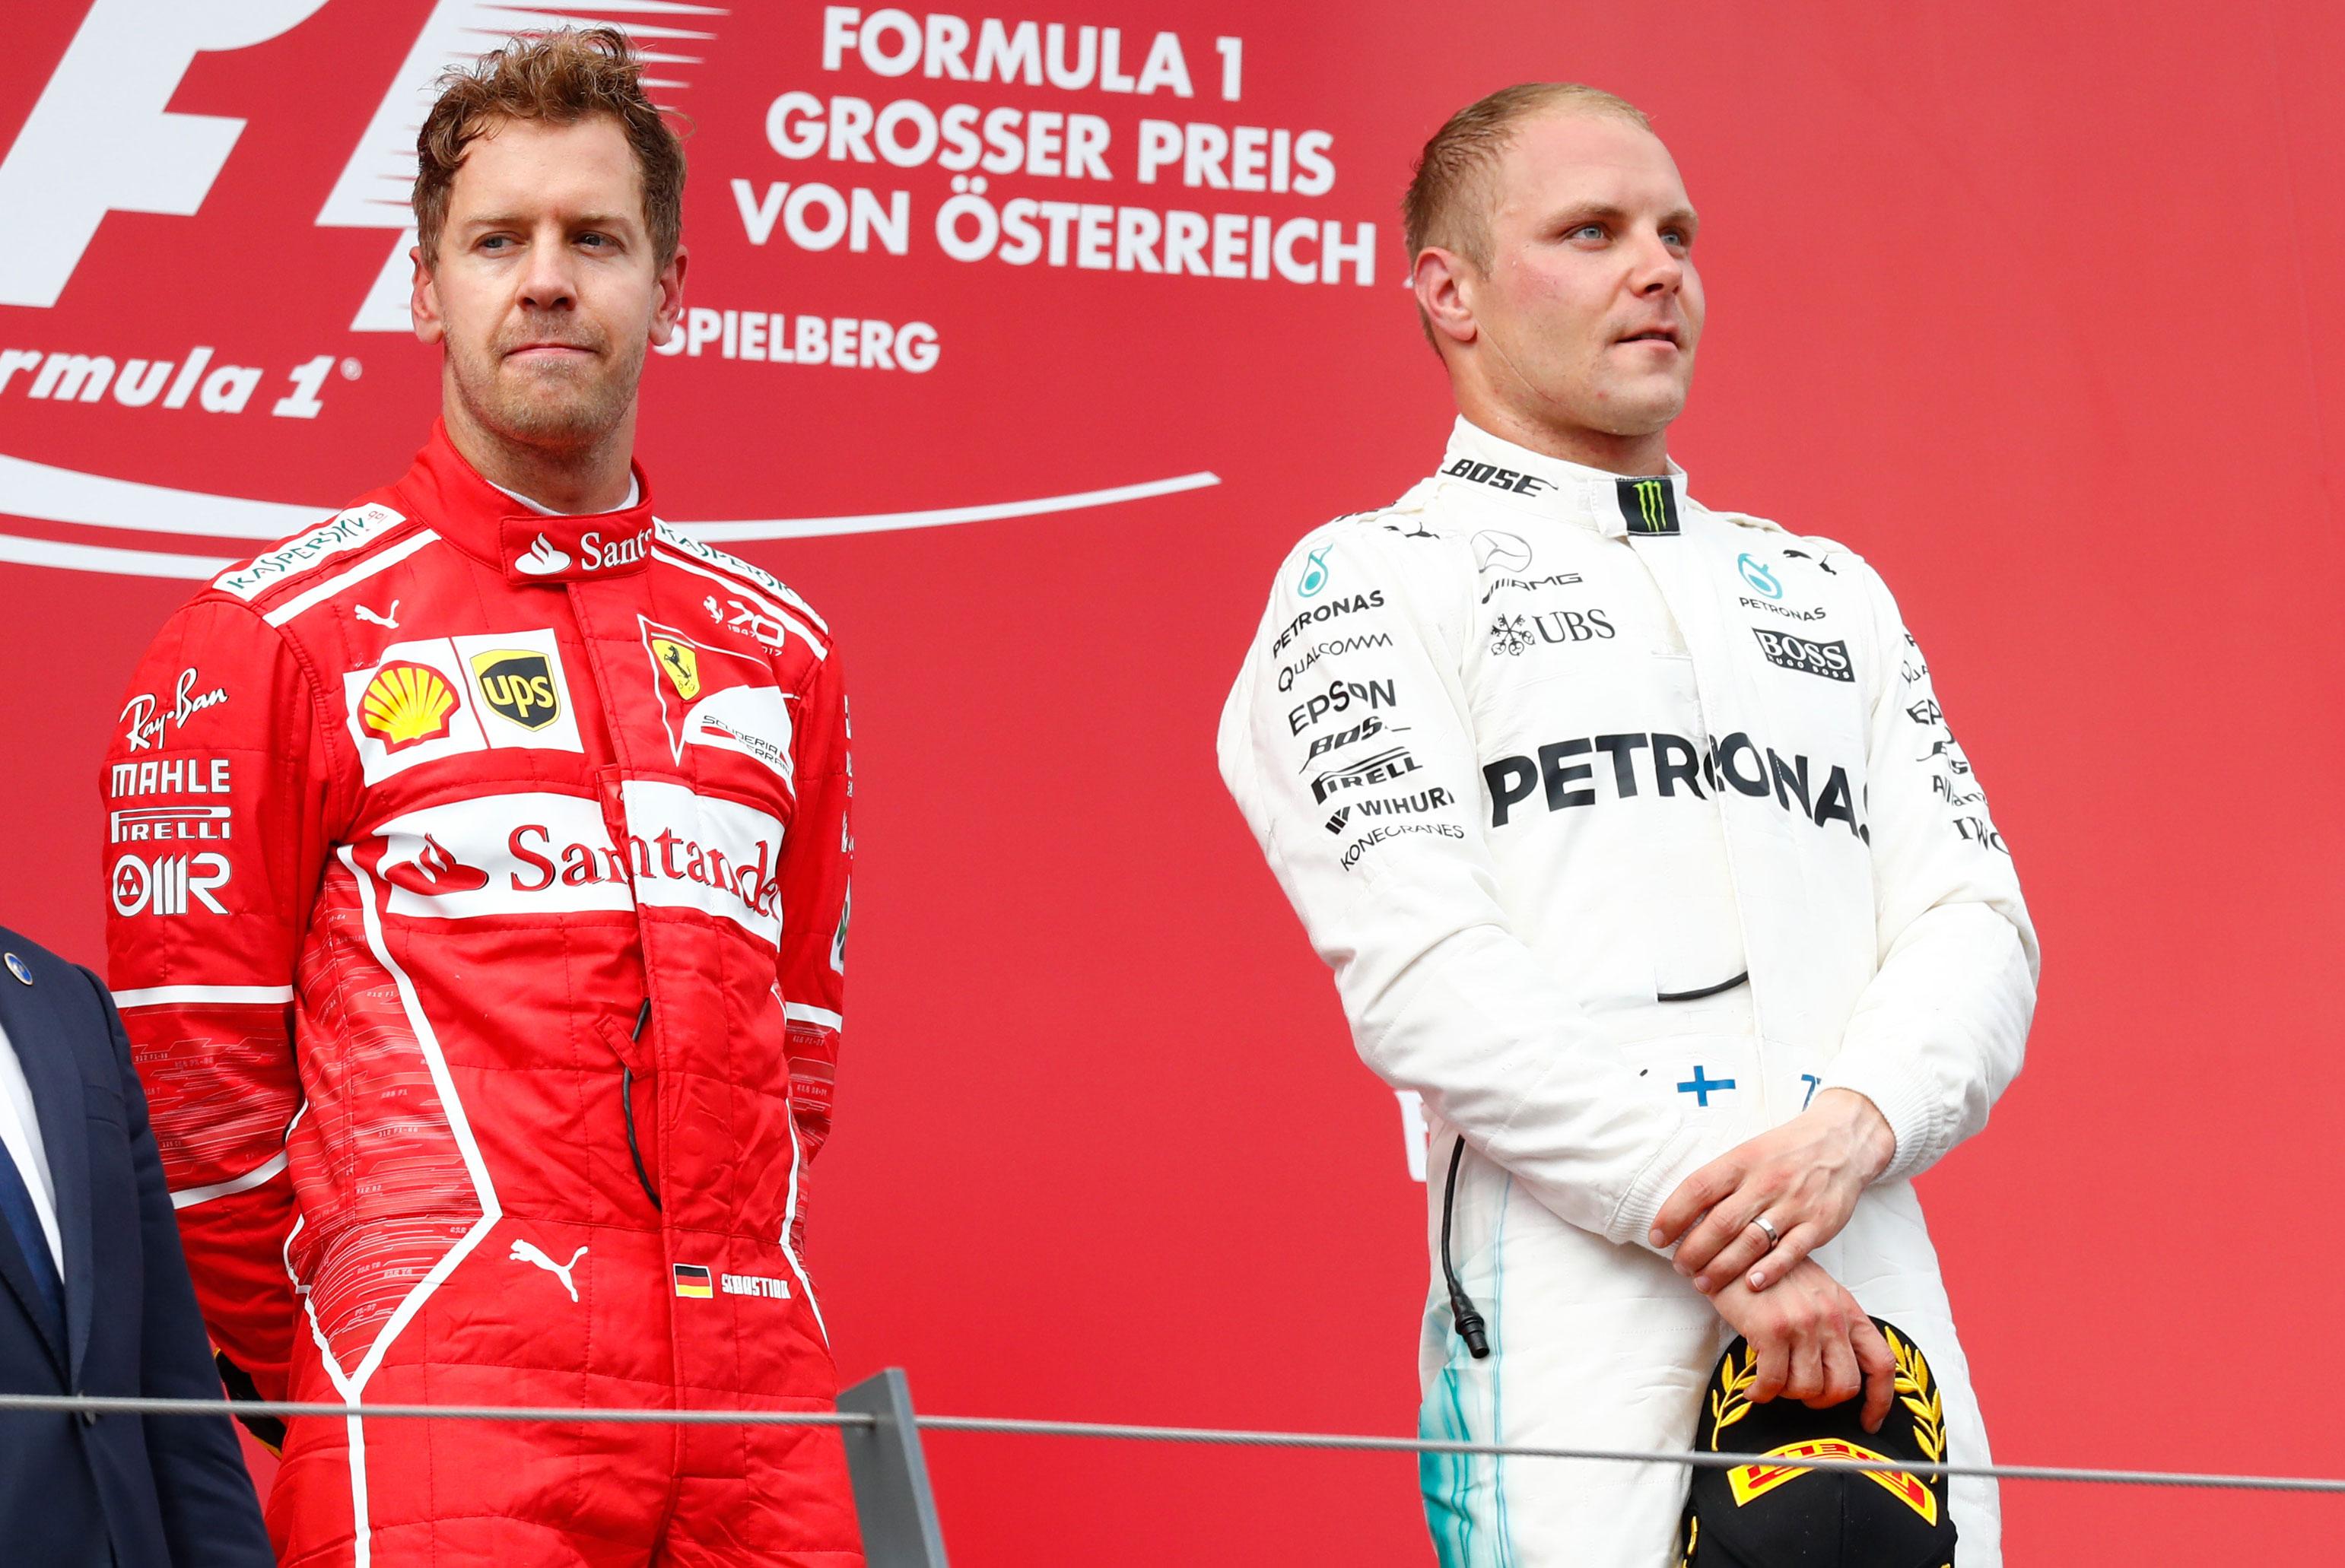 Vielä sunnuntaina Vettel seisoi Itävallan osakilpailun voittaneen Valtteri Bottaksen vierellä palkintopallilla.